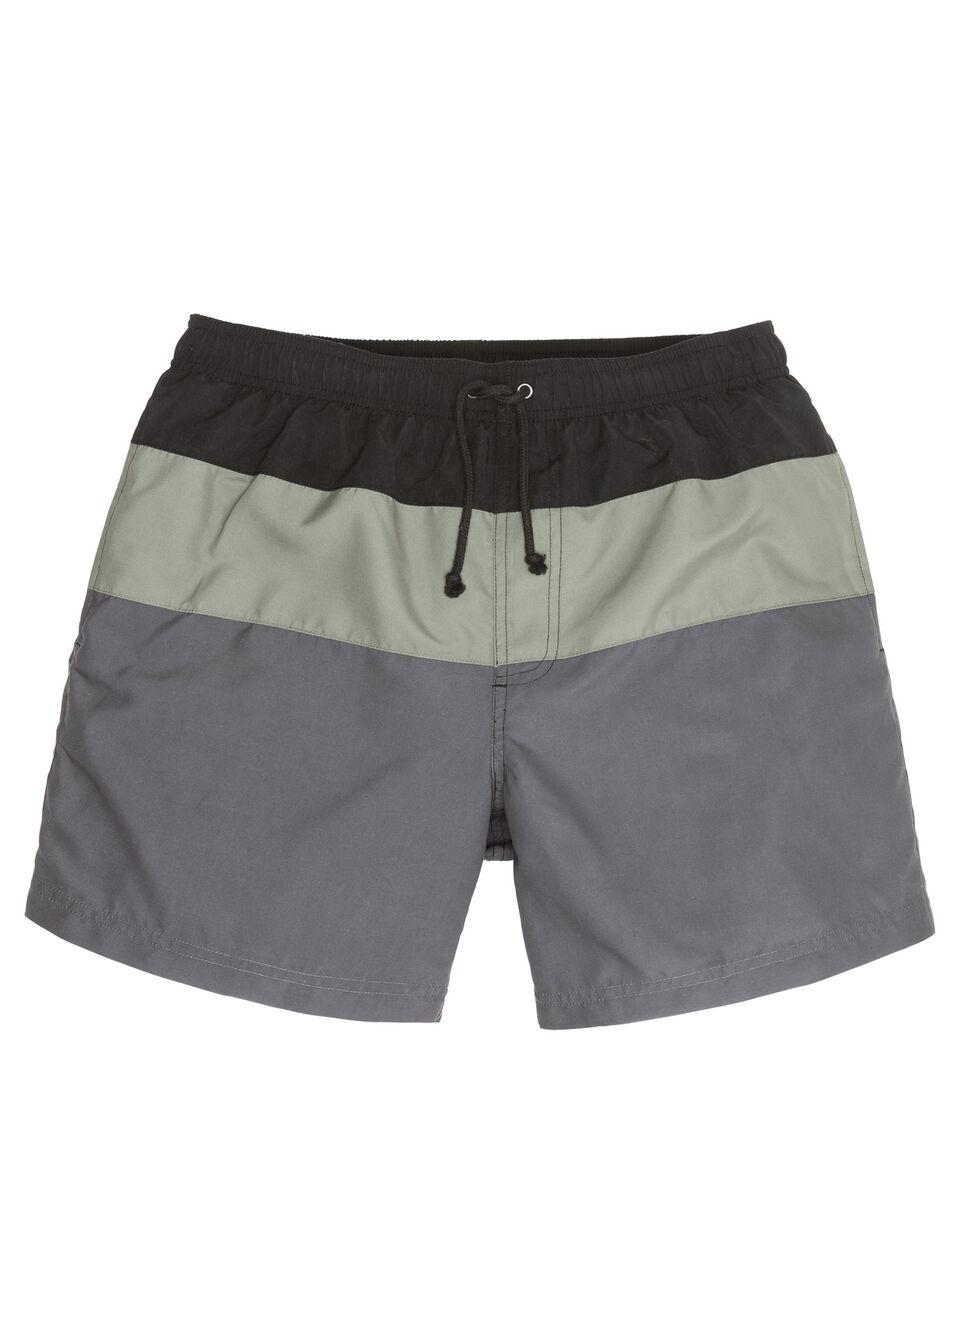 Купальные шорты для мужчин от bonprix